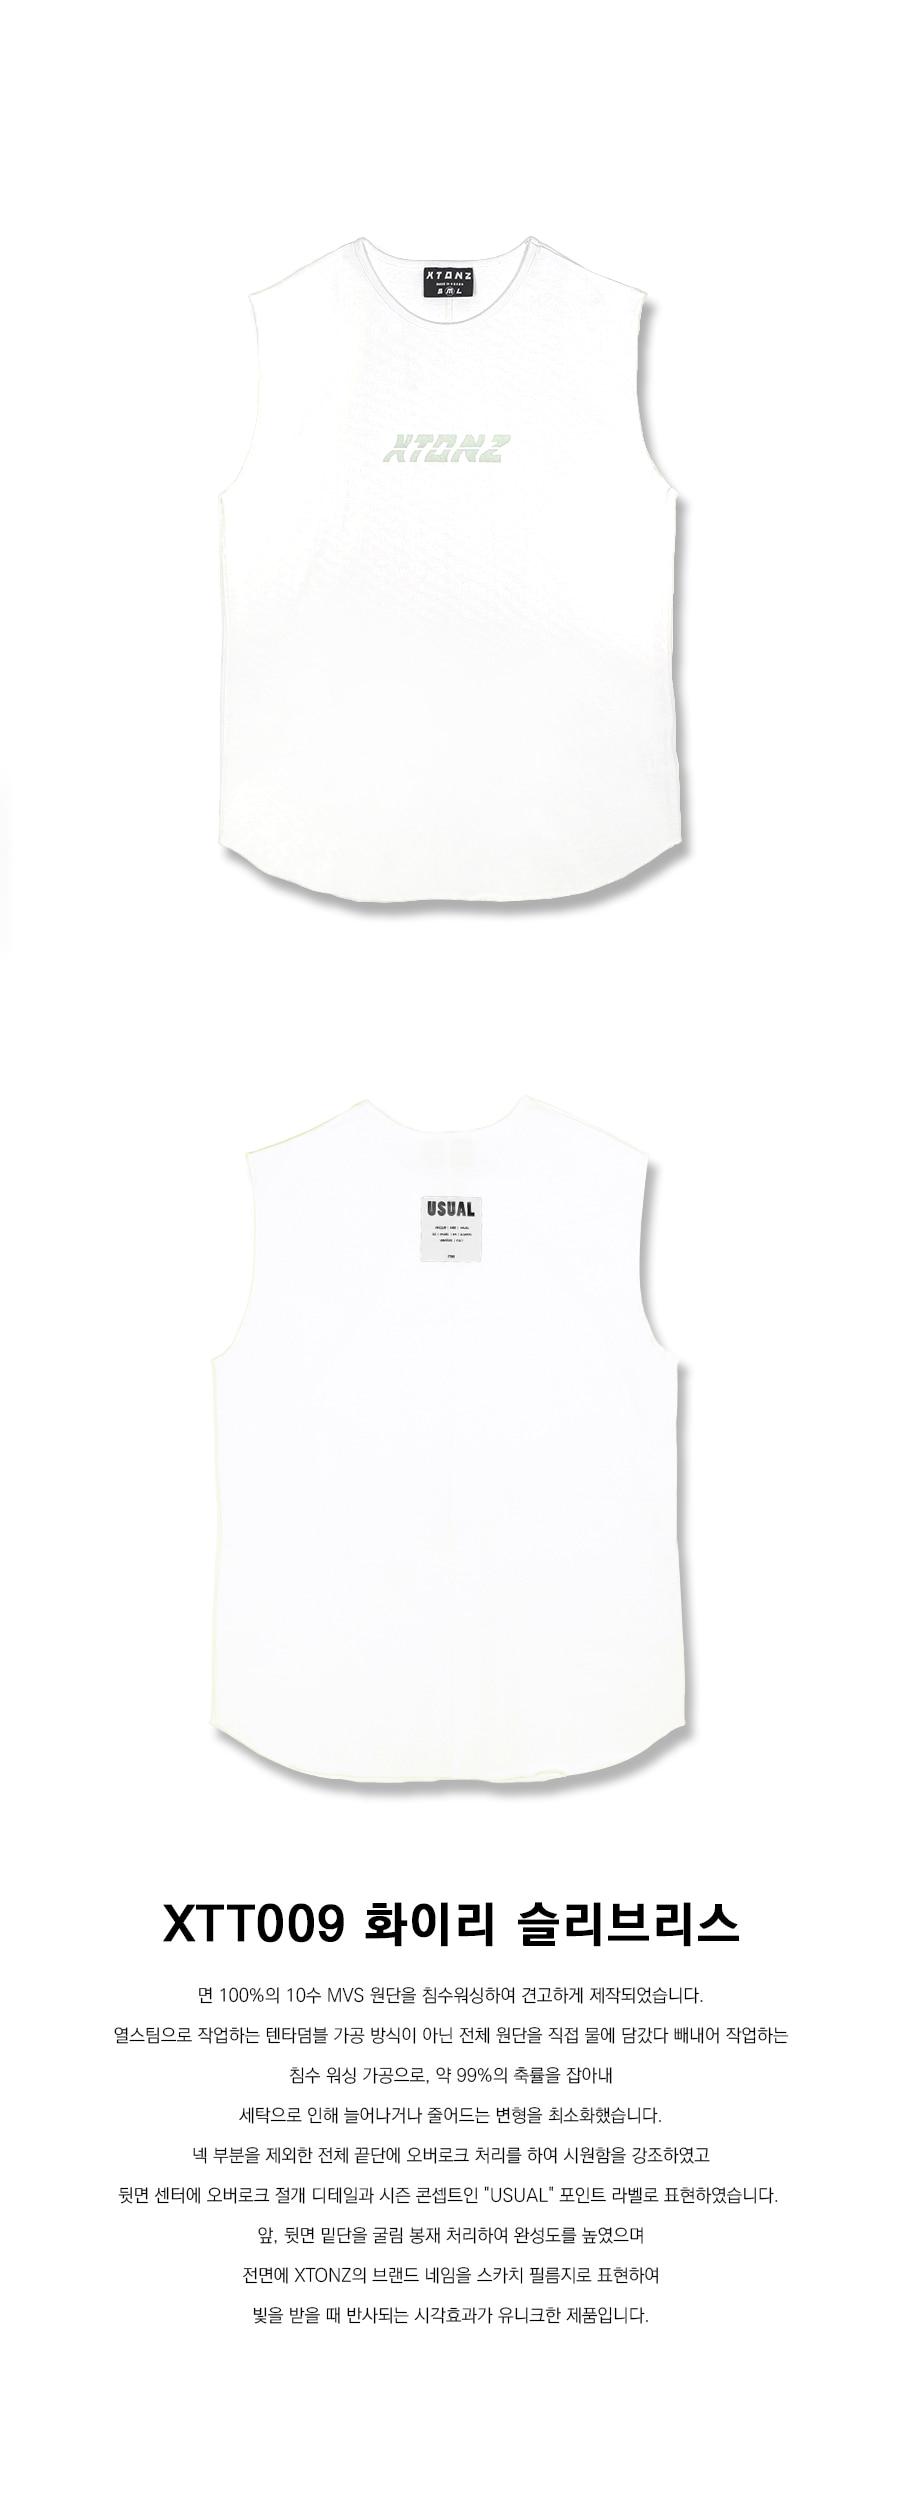 엑스톤즈 XTT009 화이리 슬리브리스 (WHITH)